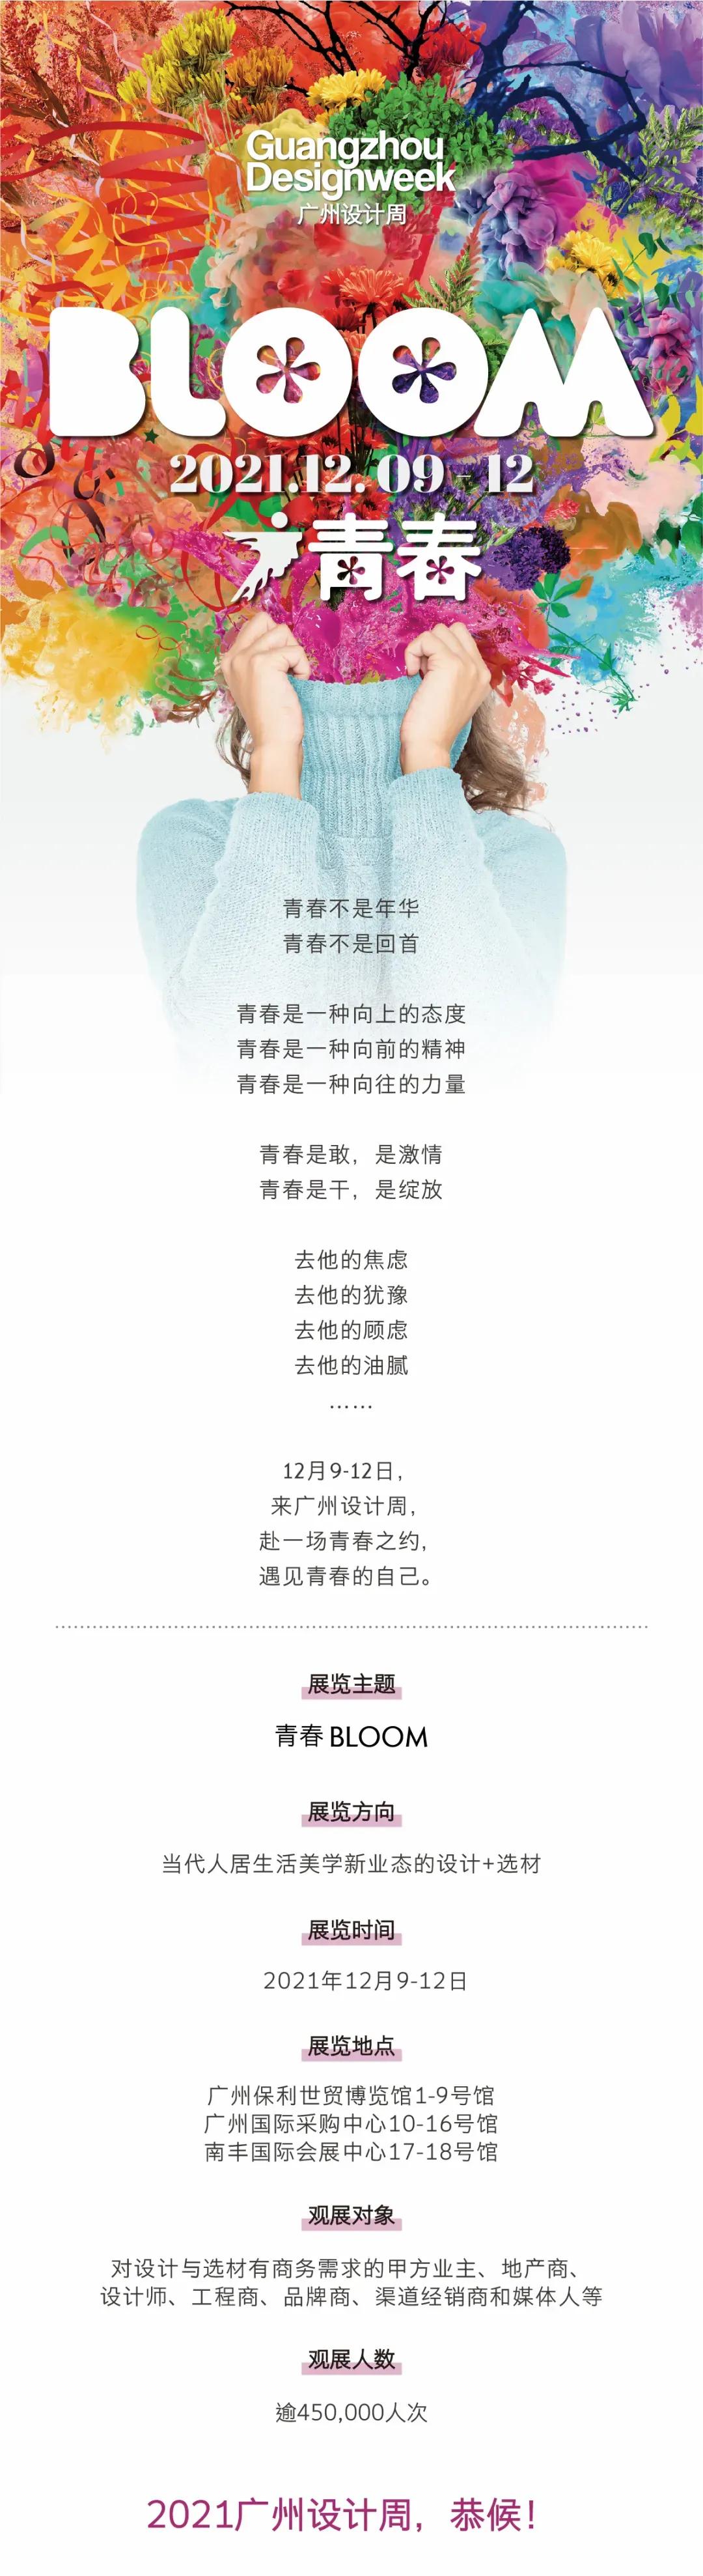 2021广州设计周又大了